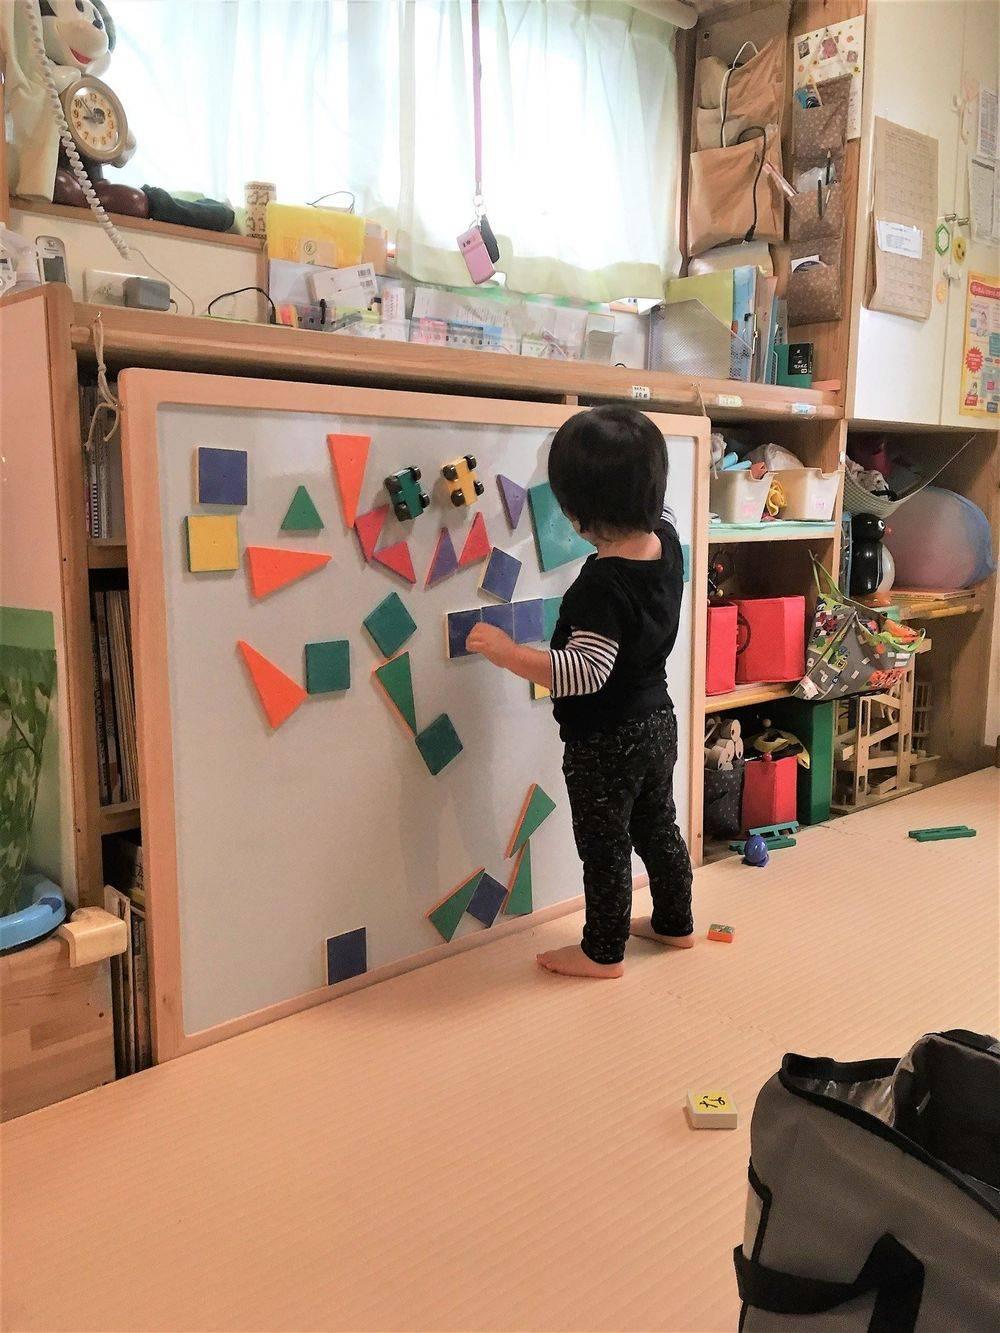 壁面利用:その1 大きなホワイトボード。 パネルシアターや ピタゴラスマグネット遊びをしています。 壁面から立体を創り出すことも可能。 赤ちゃんを卒業した2歳、3歳さんの 好奇心や創造力をを引き出し、 どんどん伸ばします。